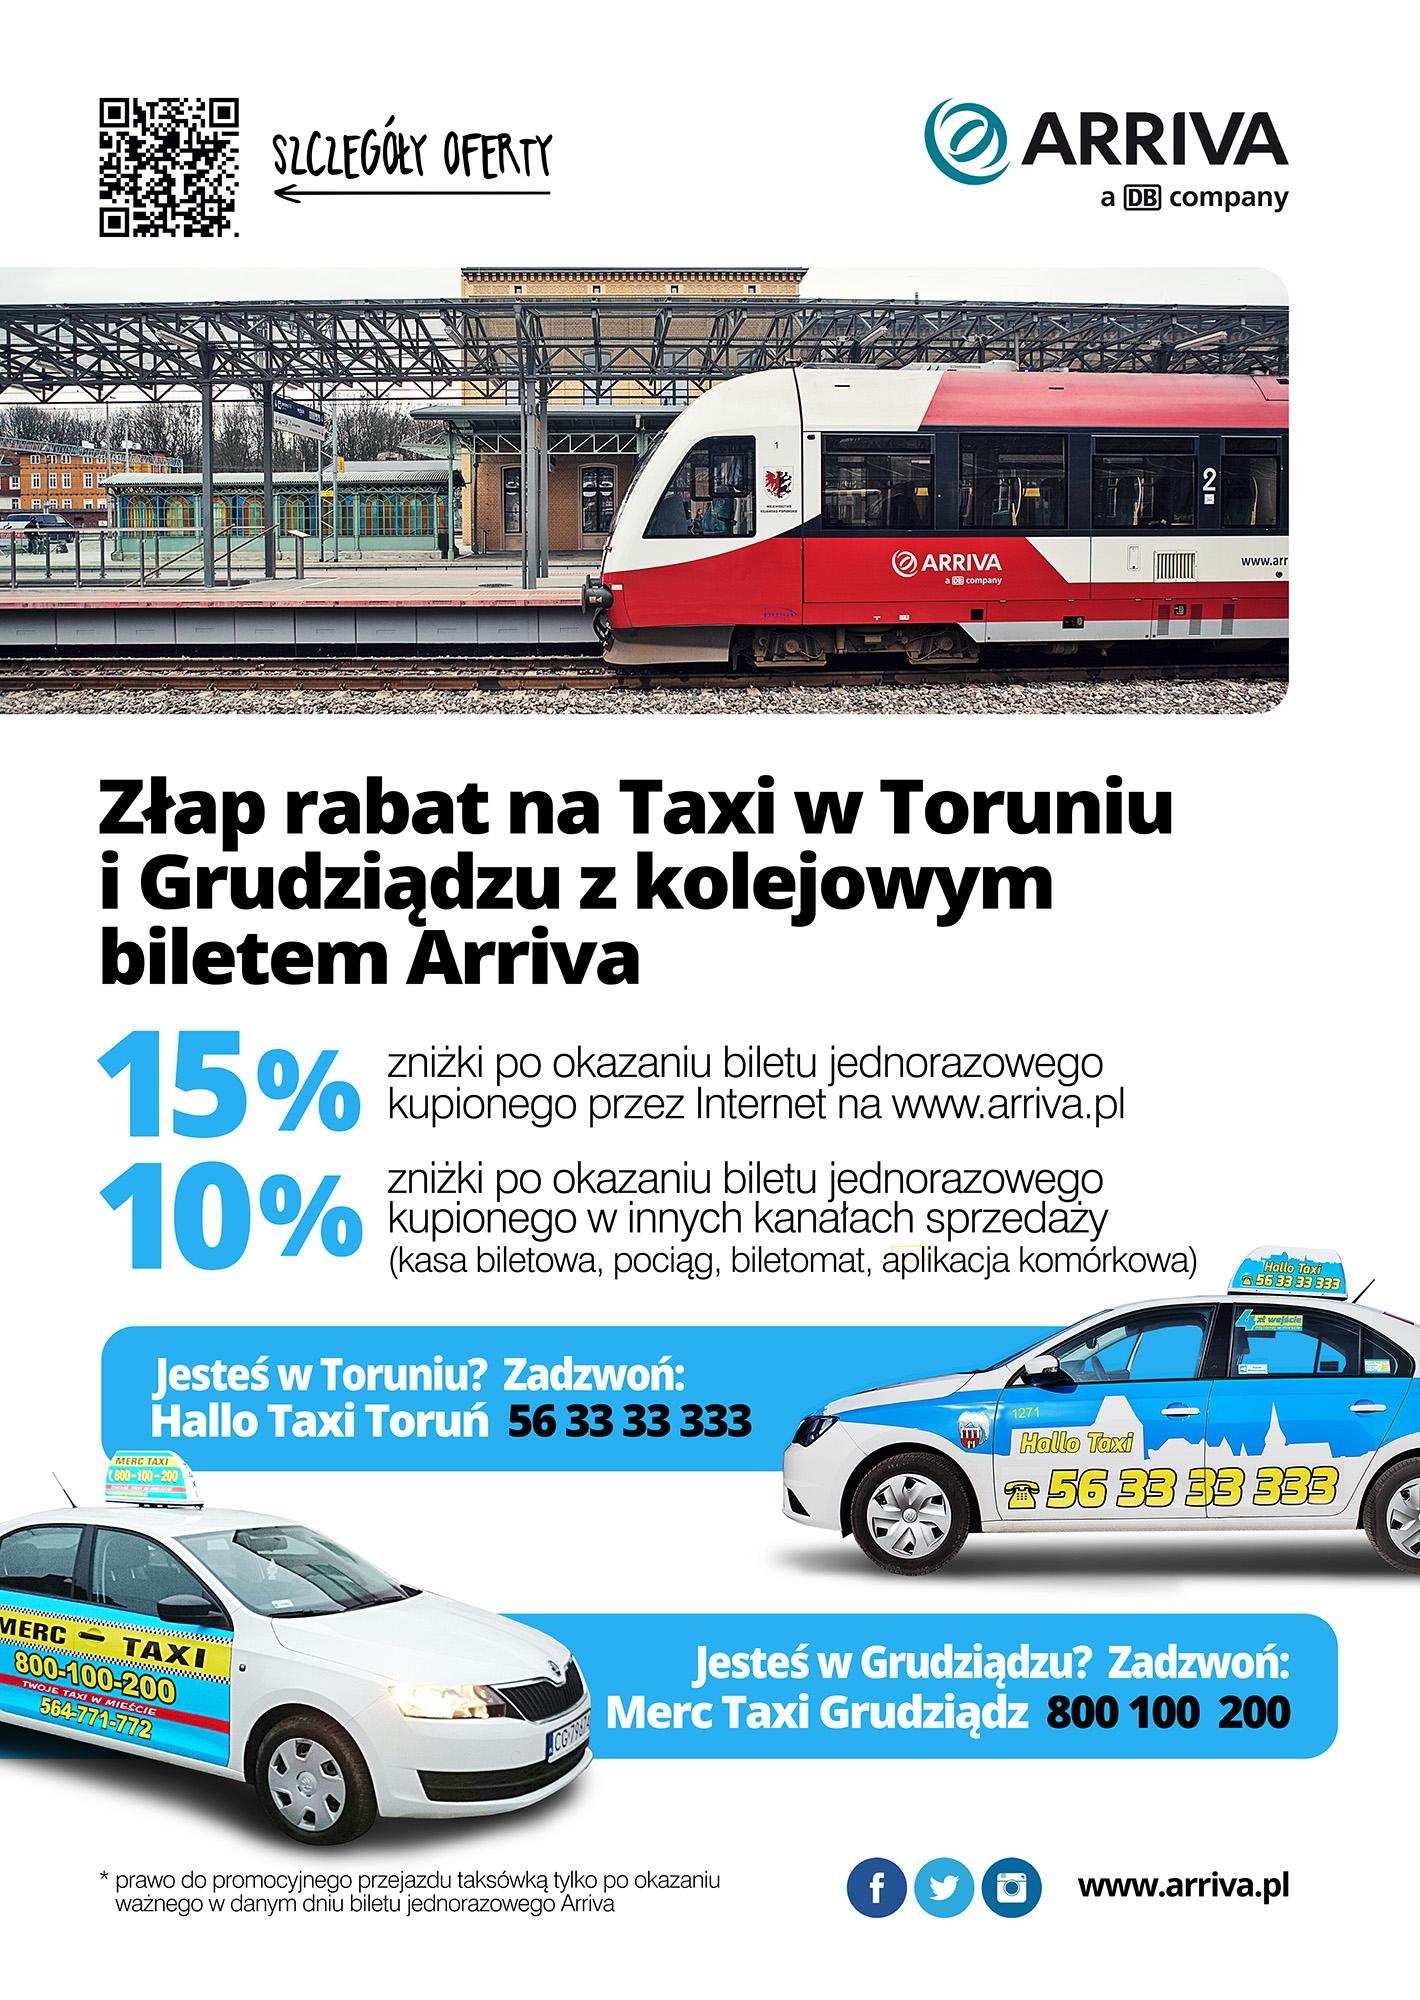 Zniżka 10/15% na taksówkę po okazaniu biletu kolejowego (Toruń, Grudziądz) @ Arriva